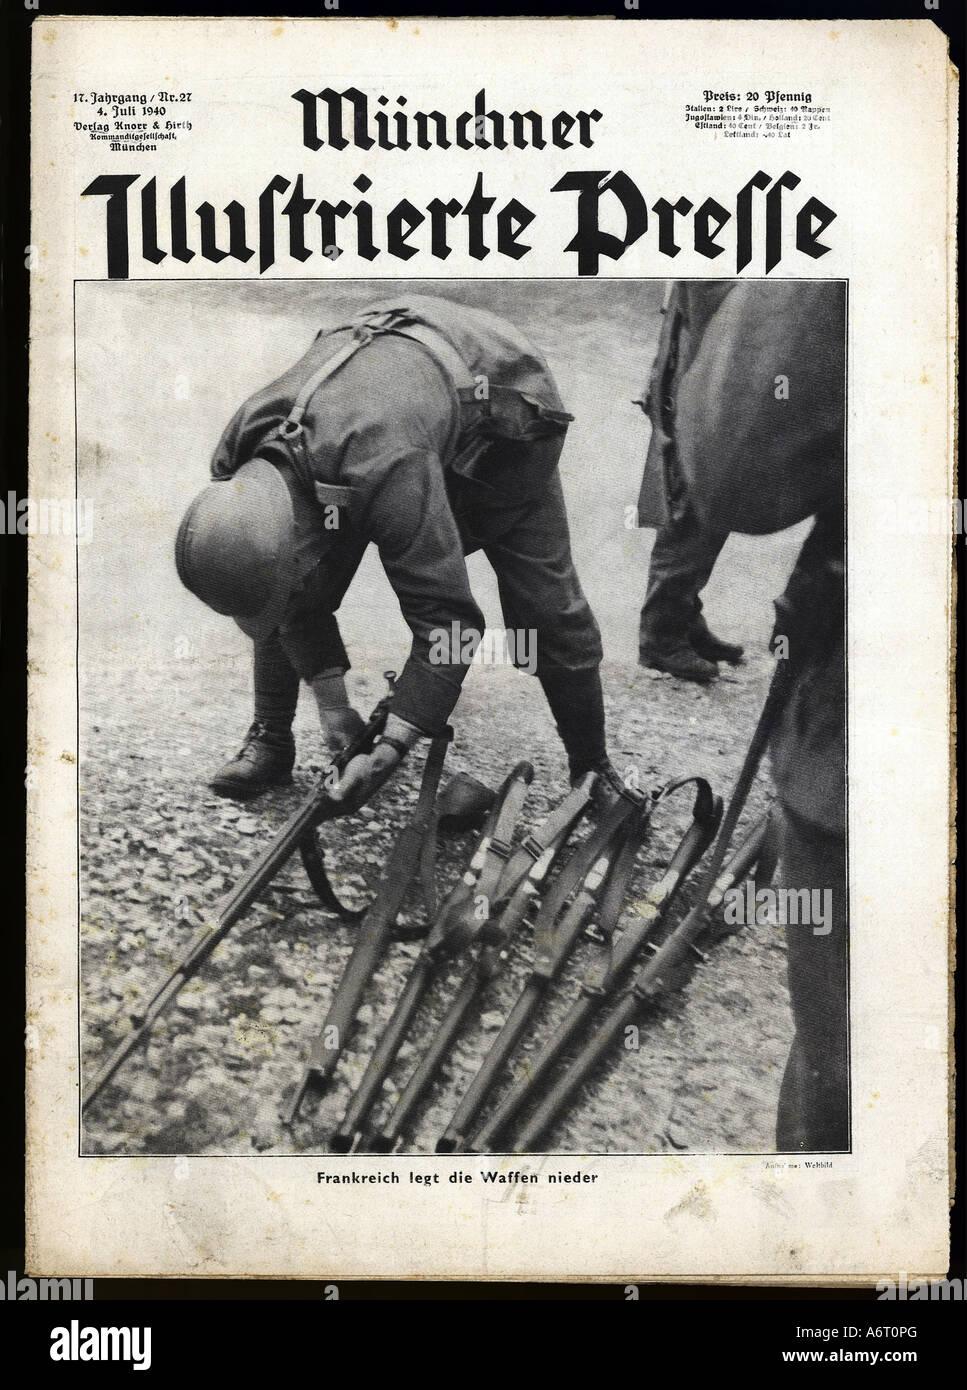 newspapers/magazines, 'Münchner Illustrierte Presse', volume 17, number 27, 4.7.1940, title, France - Stock Image